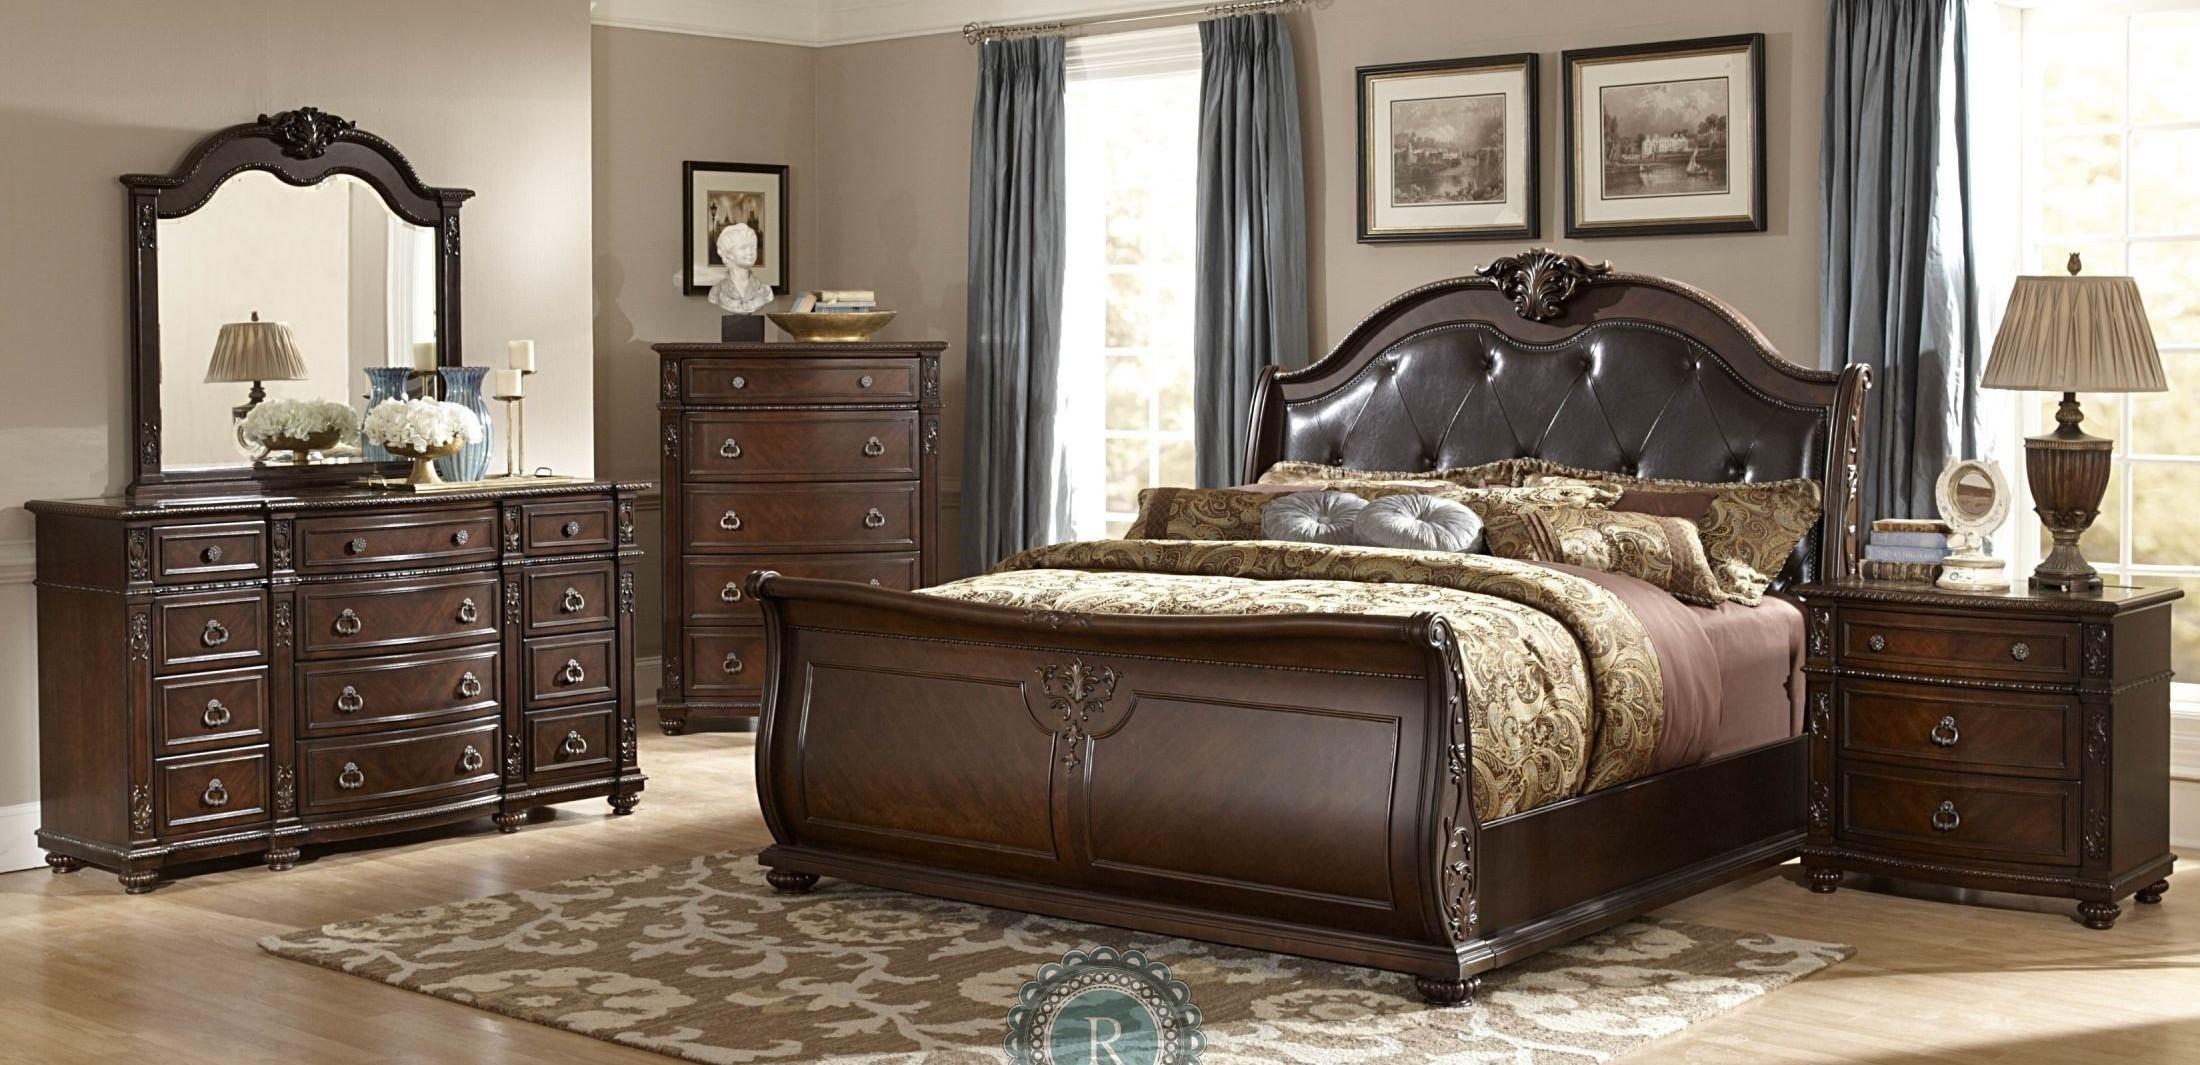 Picpzs5ljm1pz5cquilmf5wo20iq3ngl29hqtihqp9cojsamkziotiuqtuypv1vmjelo29gyjm1pz5cquilmf10nthgoj9mqp1yrus1nkacqthgp3e5othgmz9lyjsfop5dptpblack Leather Bedroom Furniture Raya Furniturejpg